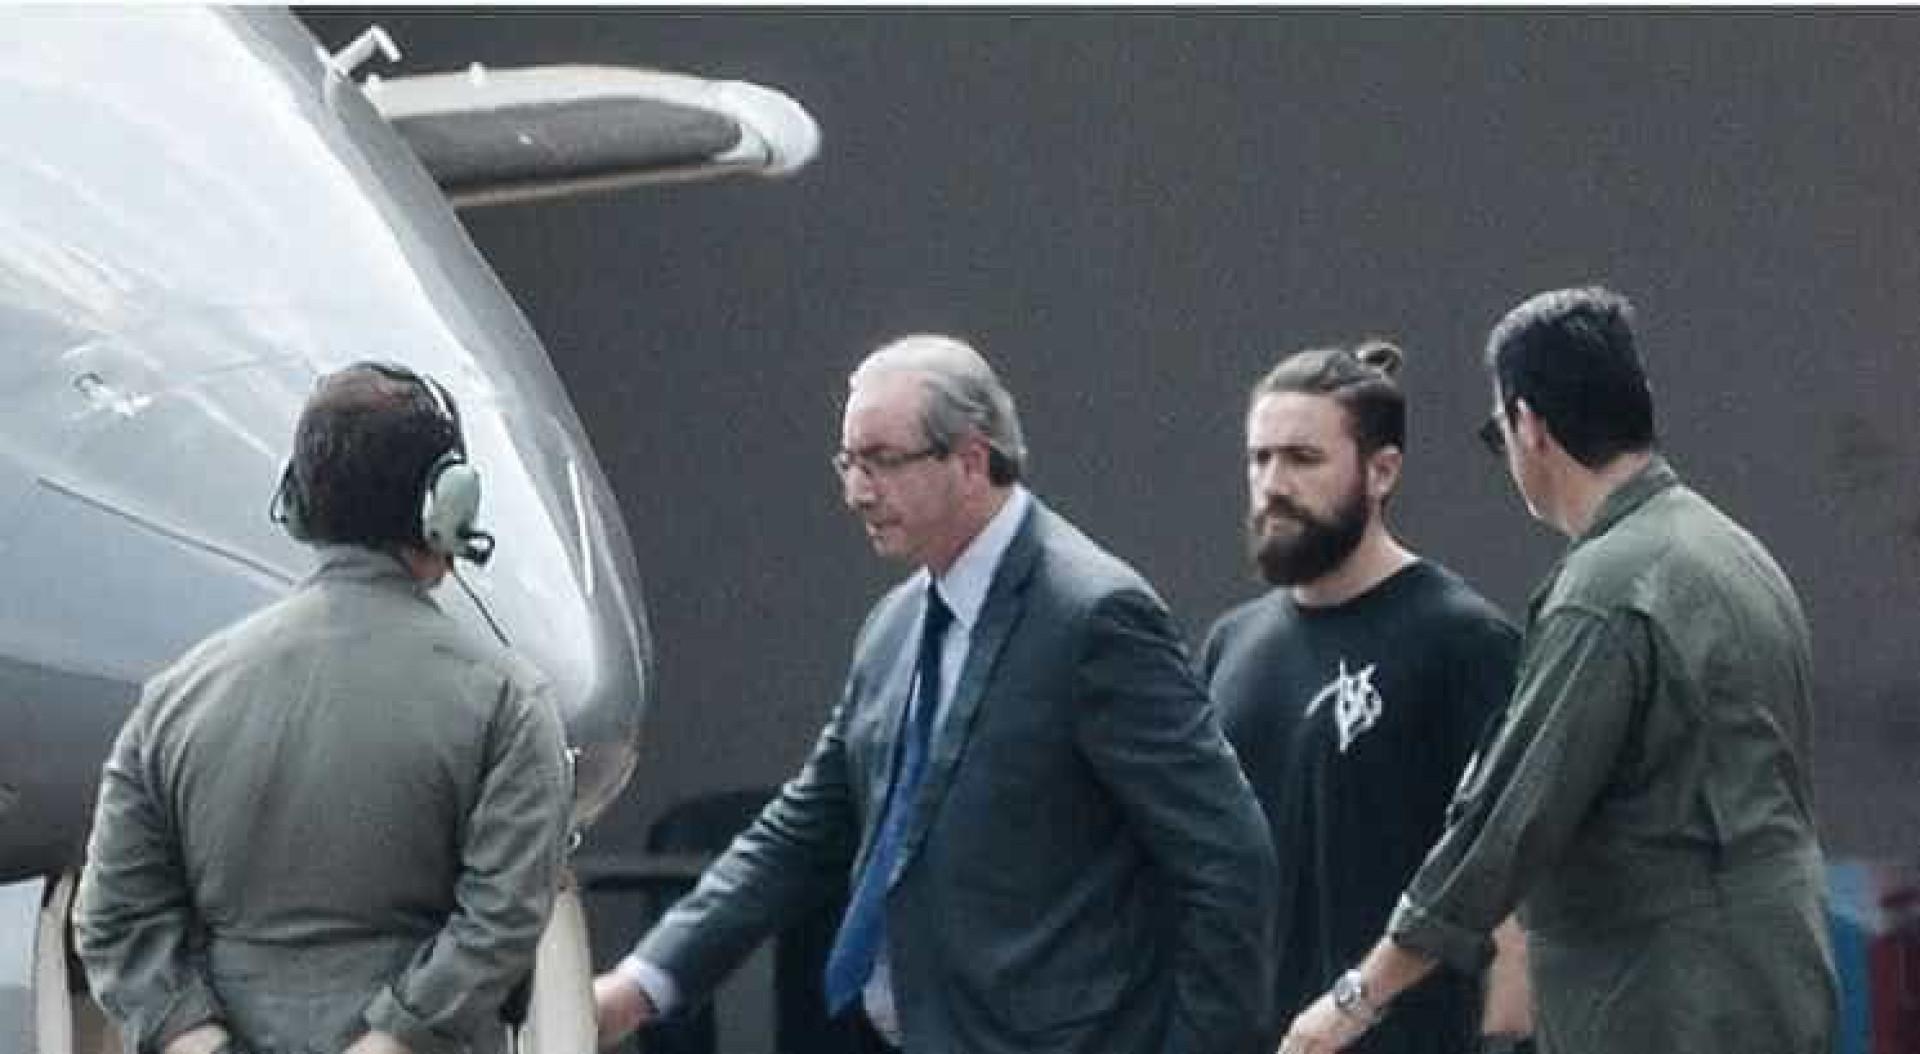 Conheça o policial 'gato' que prendeu Eduardo Cunha e agitou a web